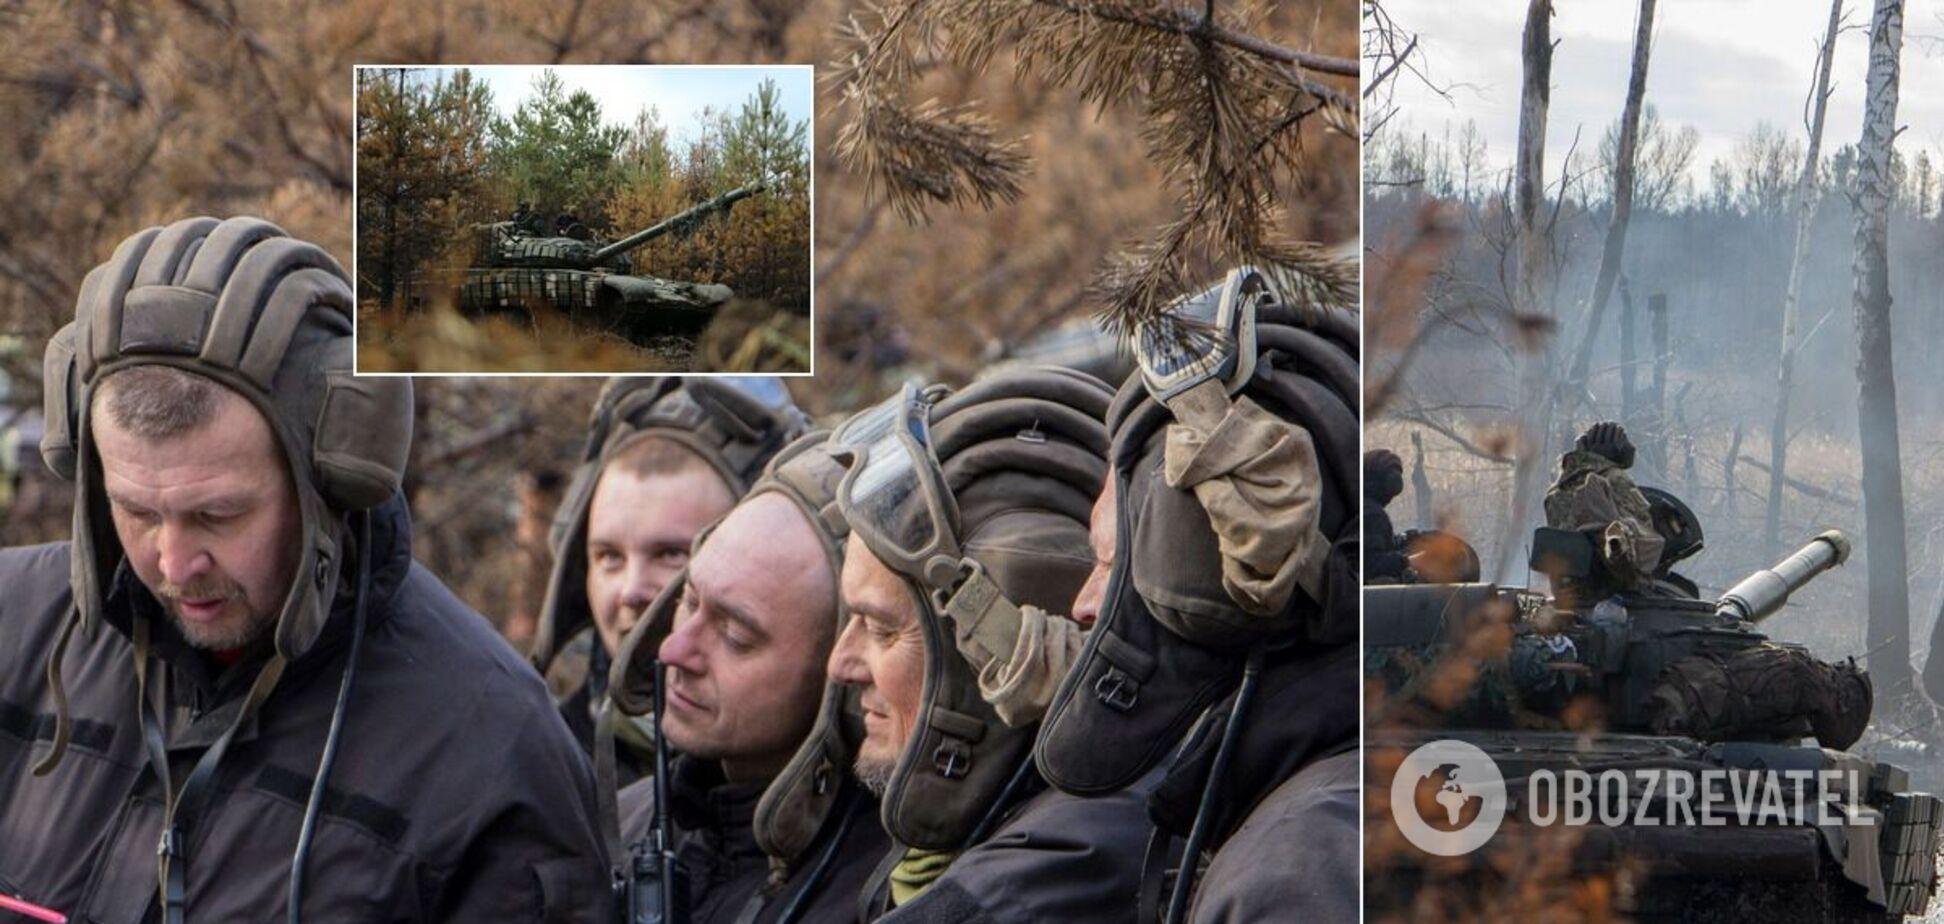 Бійці ЗСУ влаштували навчання на танках у зоні ООС: до провокацій Росії готові. Фоторепортаж